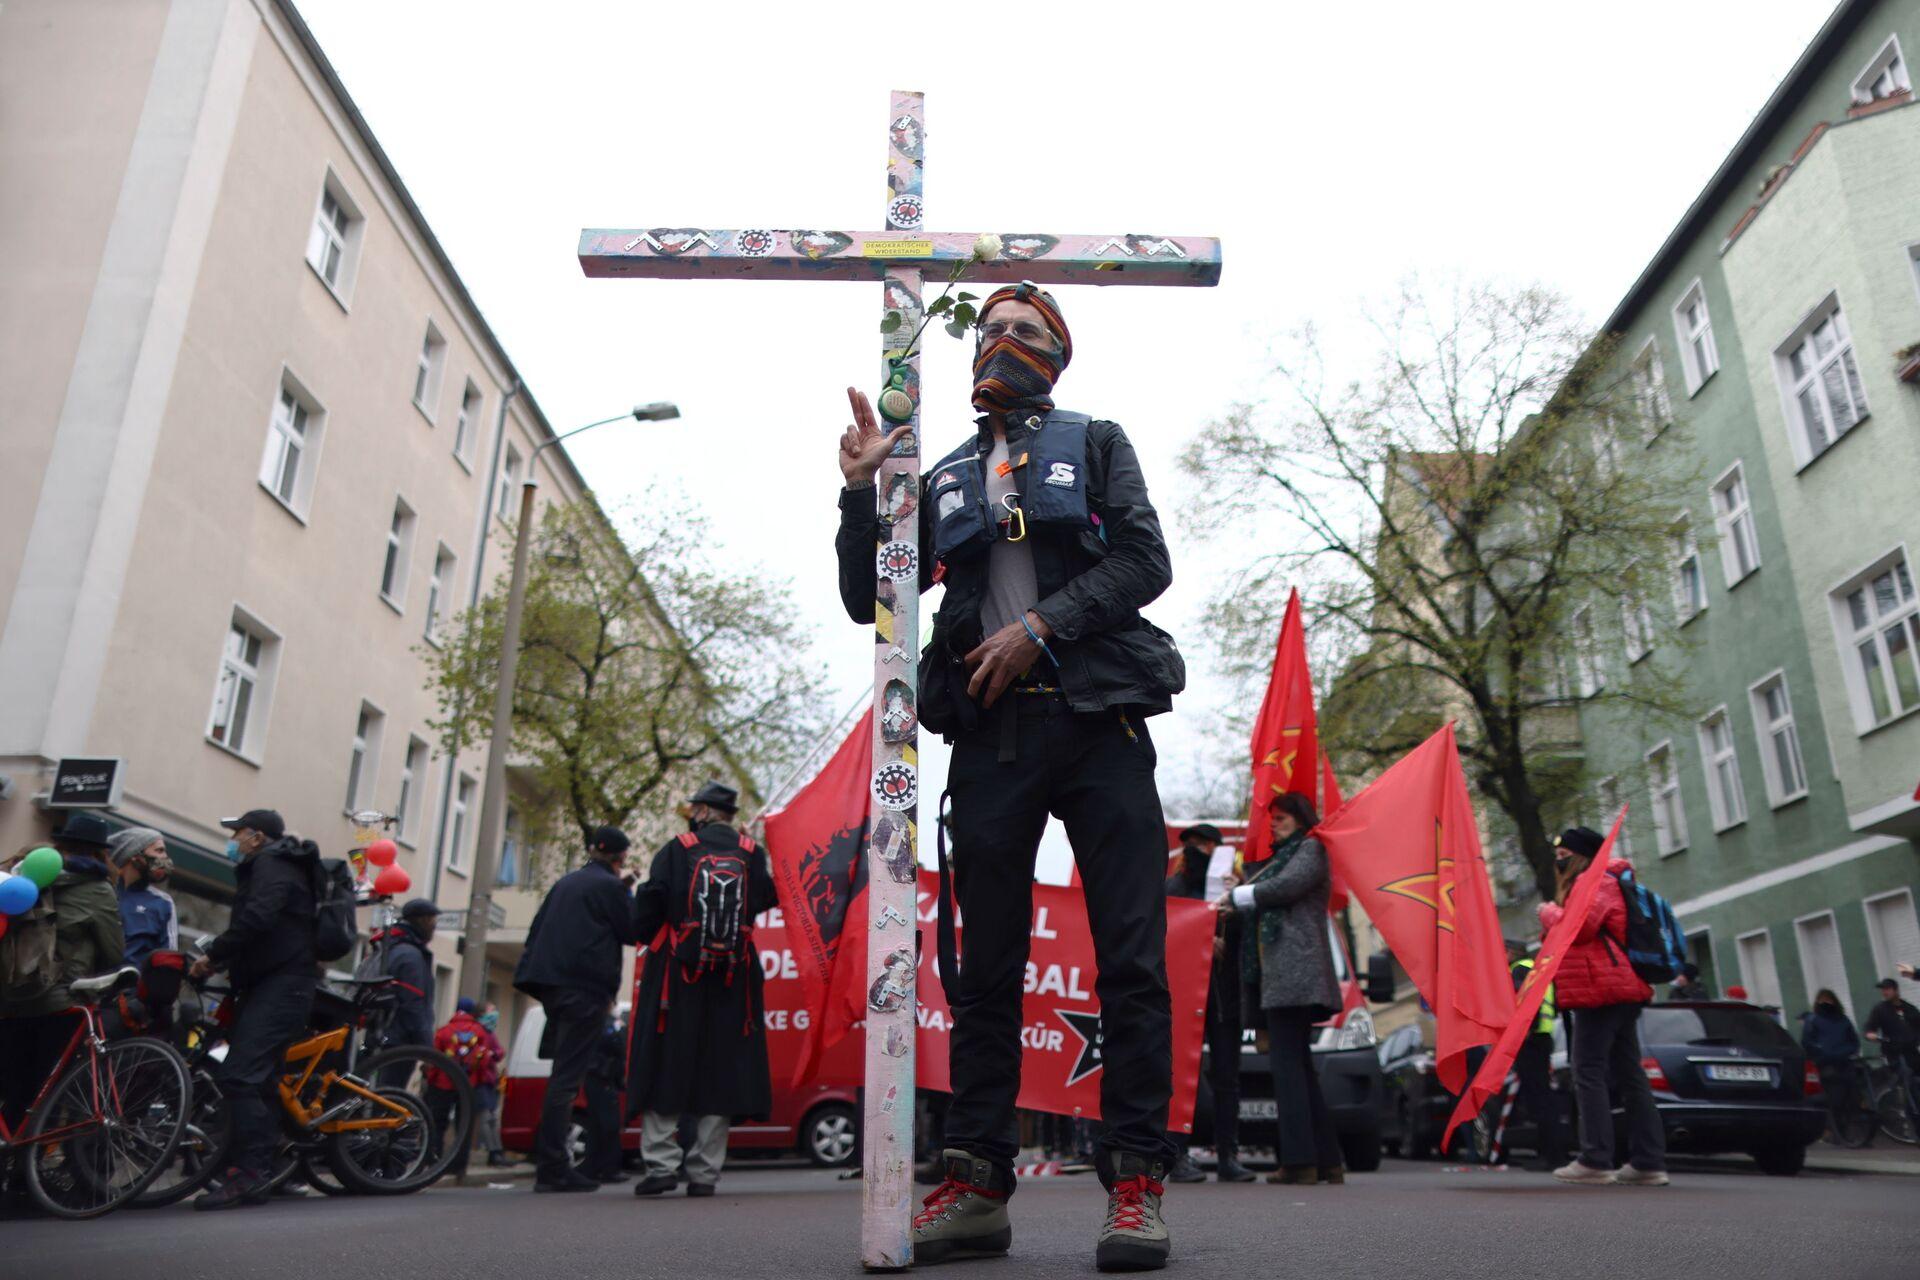 Ngày 1 tháng Năm đẫm máu ở châu Âu: Dân chúng bị bần cùng hóa chống lực lượng cảnh sát - Sputnik Việt Nam, 1920, 03.05.2021